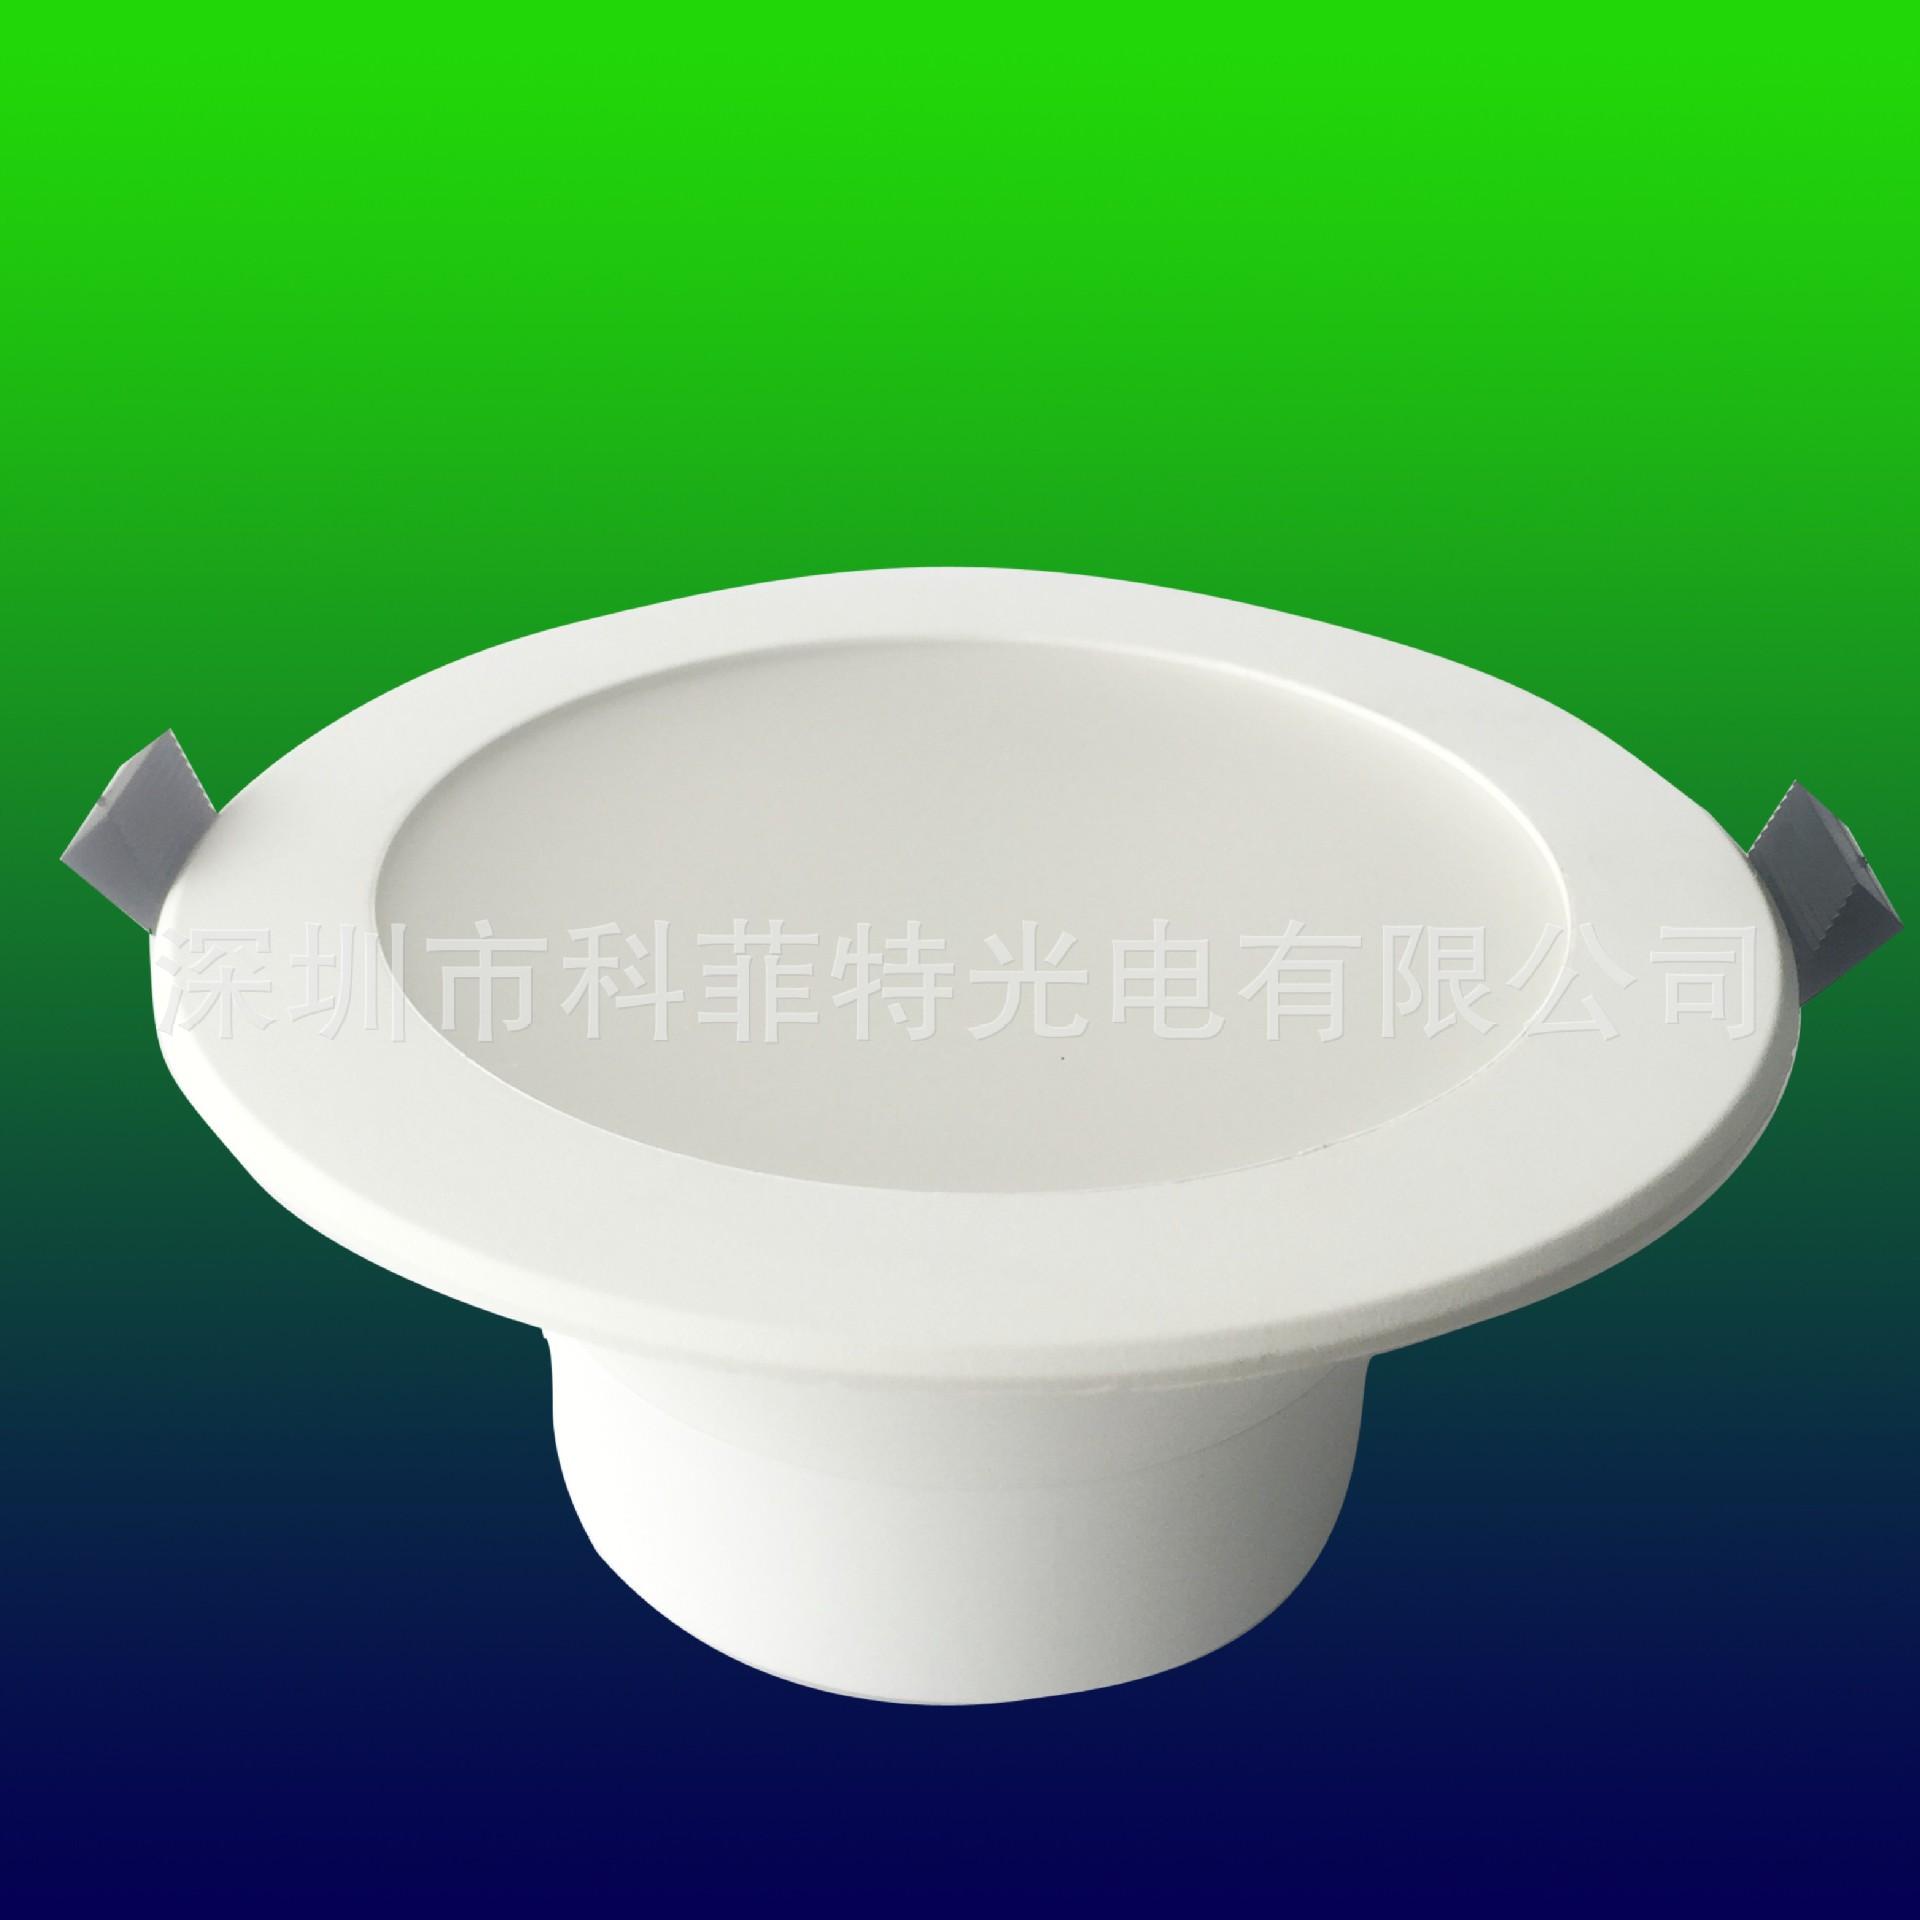 新款一体草帽灯外壳全白6寸连体筒灯套件LED天花筒灯配件厂家直供